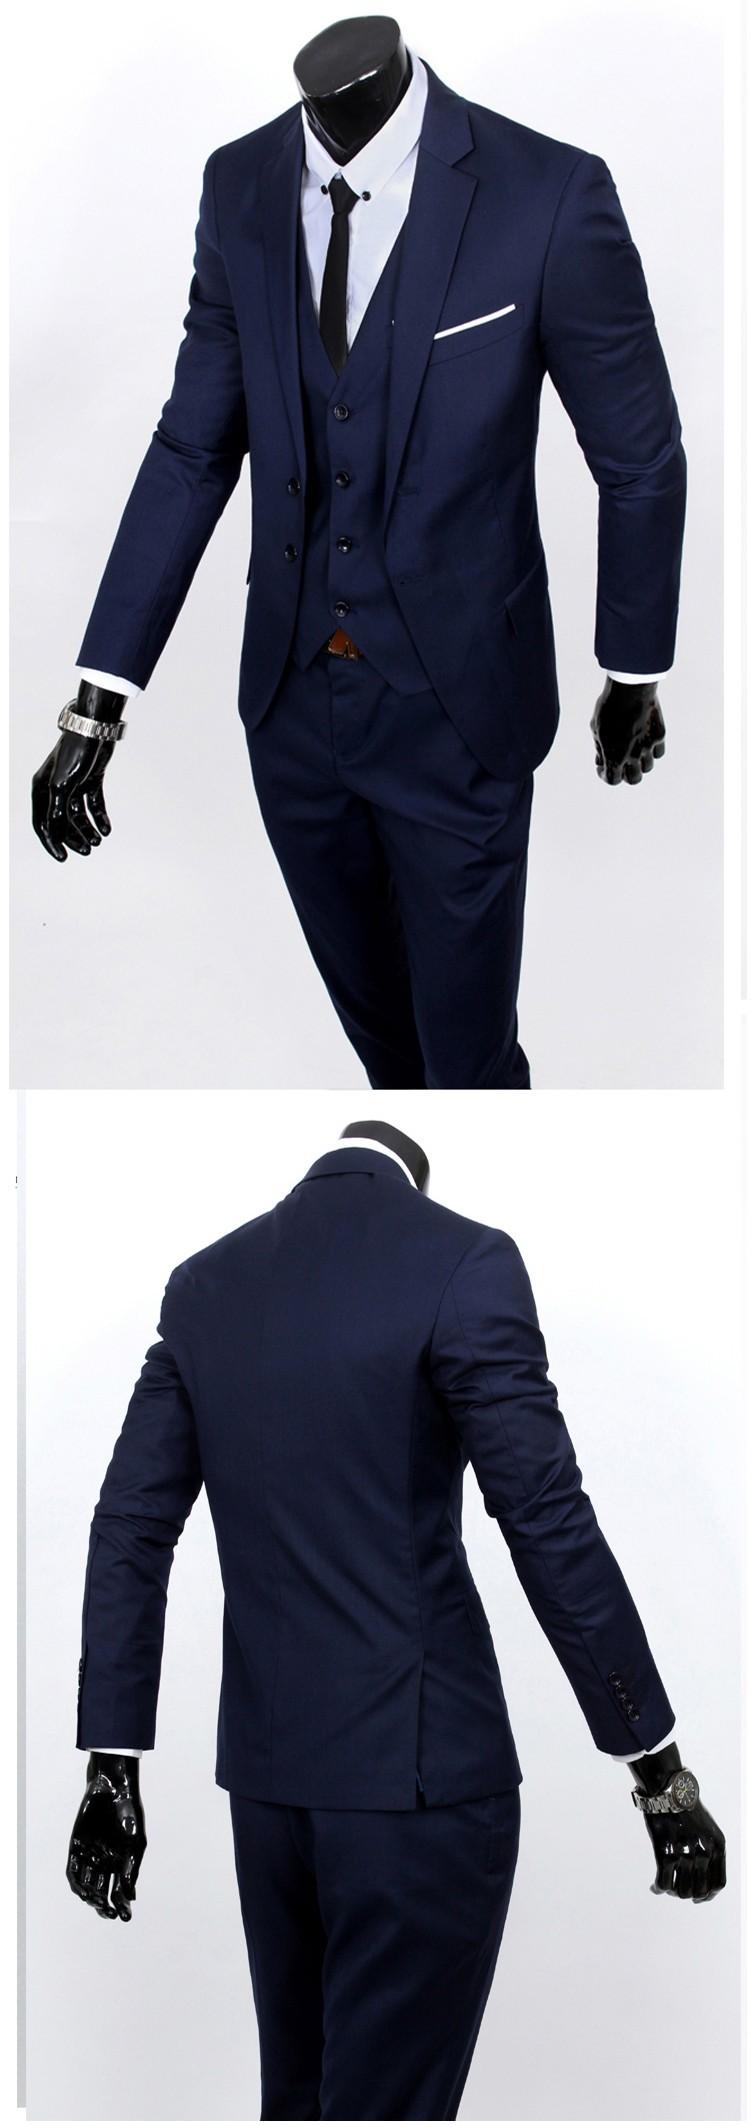 (Kurtka + kamizelka + spodnie) 2017 Nowa wiosna marka koszulka Męska slim fit Firm a trzyczęściowe Garnitury/Męskie dobrej groom dress/mężczyźni Blazers 36